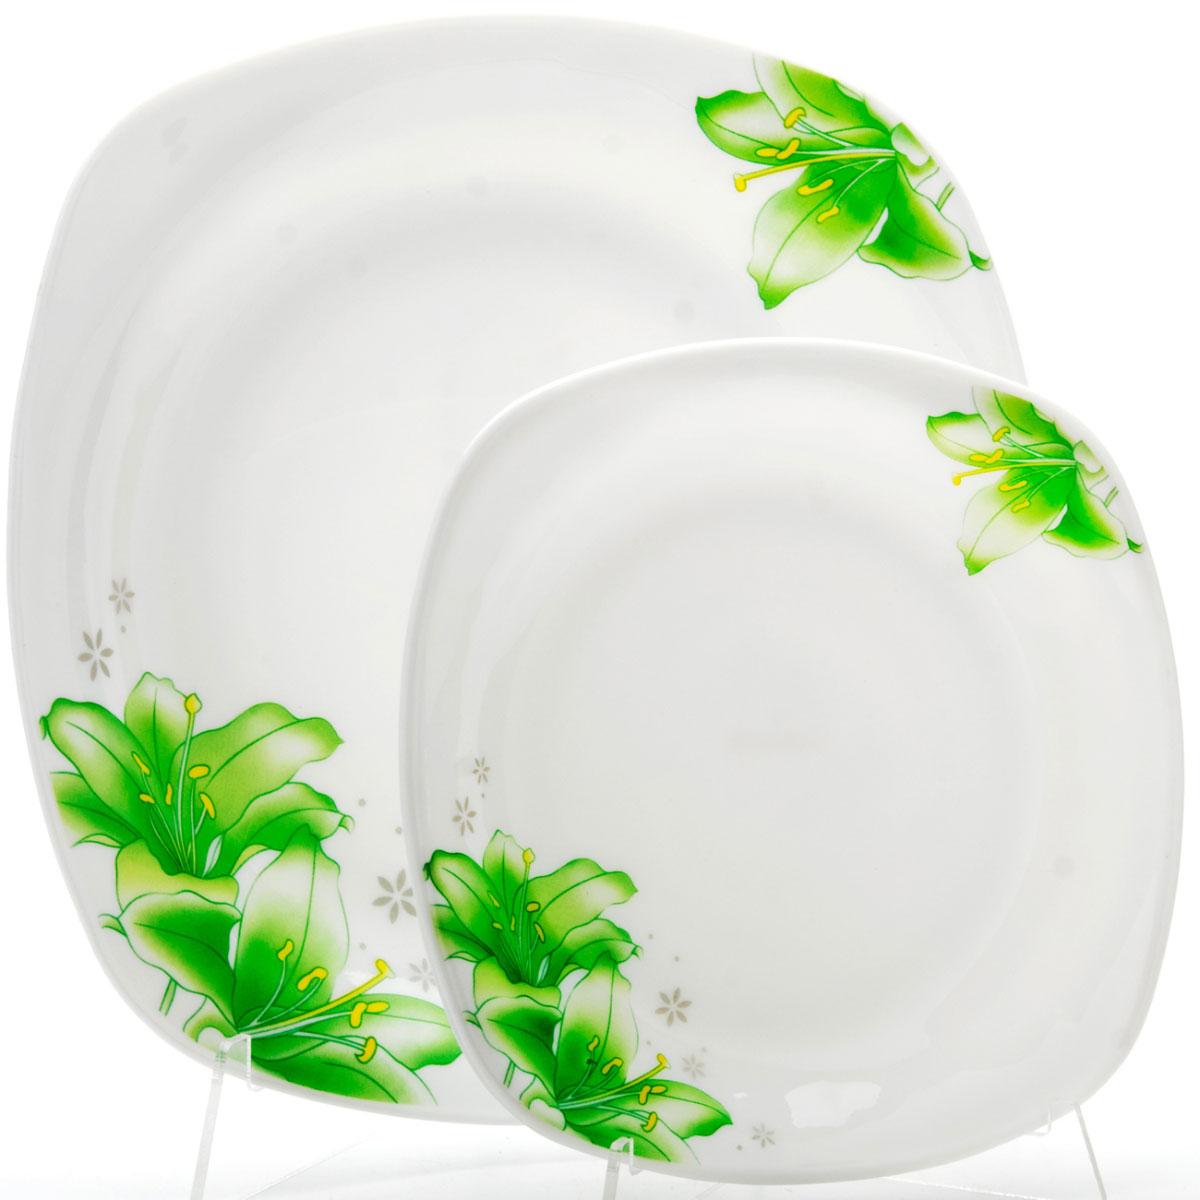 Набор тарелок Loraine, 7 предметов. 2368923689Набор посуды изготовлен из высококачественного стекла. Элегантный дизайн прекрасно дополнит Вашу кухню. Наш набор тарелок будет прекрасным украшением стола. Набор тарелок LORAINE - идеальный и необходимый подарок для вашего дома и для ваших друзей в праздники.